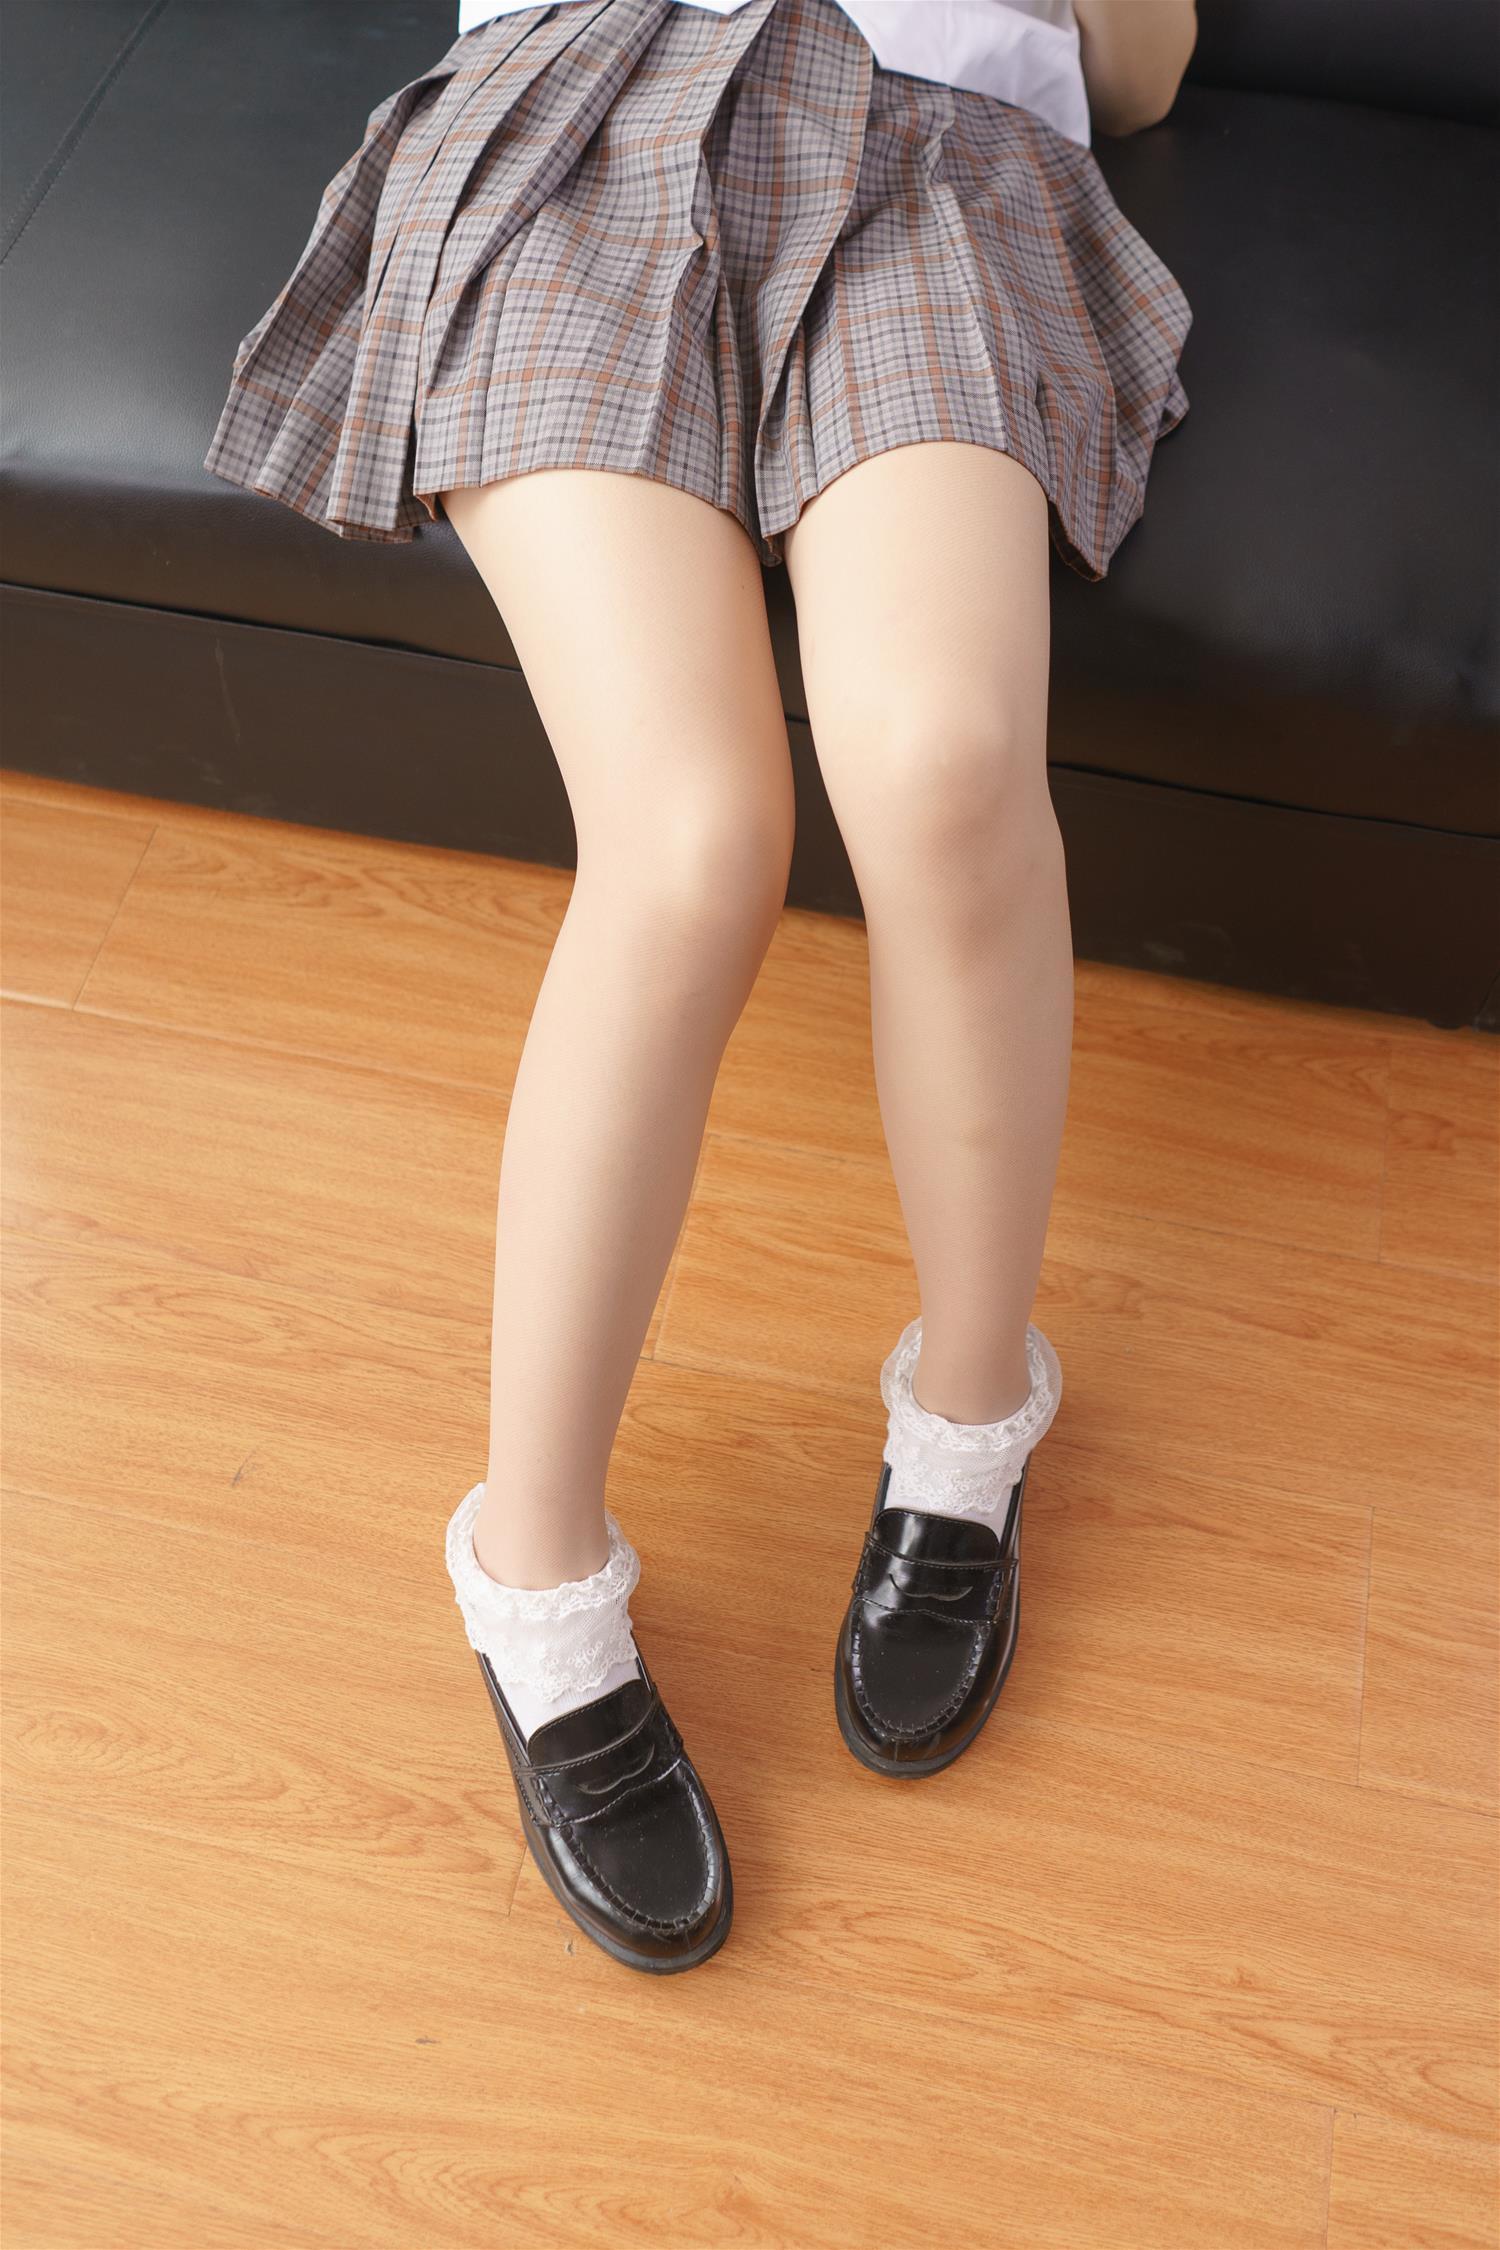 森萝财团 BETA-025 校服肉丝少女(101P)